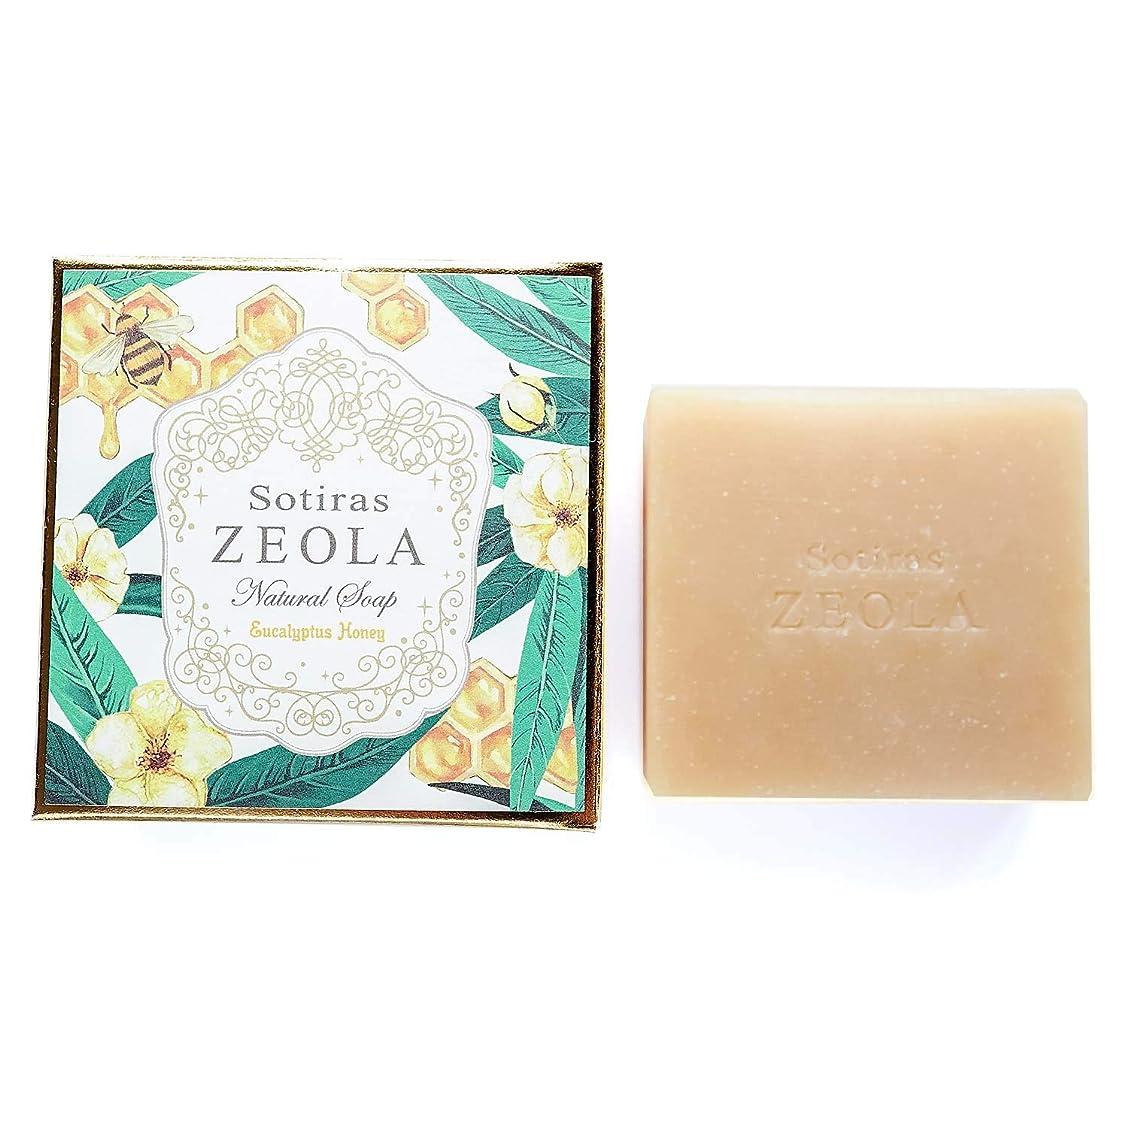 彼らはひねりローストSotiras ZEOLA ナチュラルソープ 洗顔用 ユーカリハニー 天然 ゼオライト 化粧品 石けん 無添加 保湿成分 はちみつ 枠練り石鹸 人気 ランキング 毛穴 汗 臭いケア 香り 美肌 固形石鹸